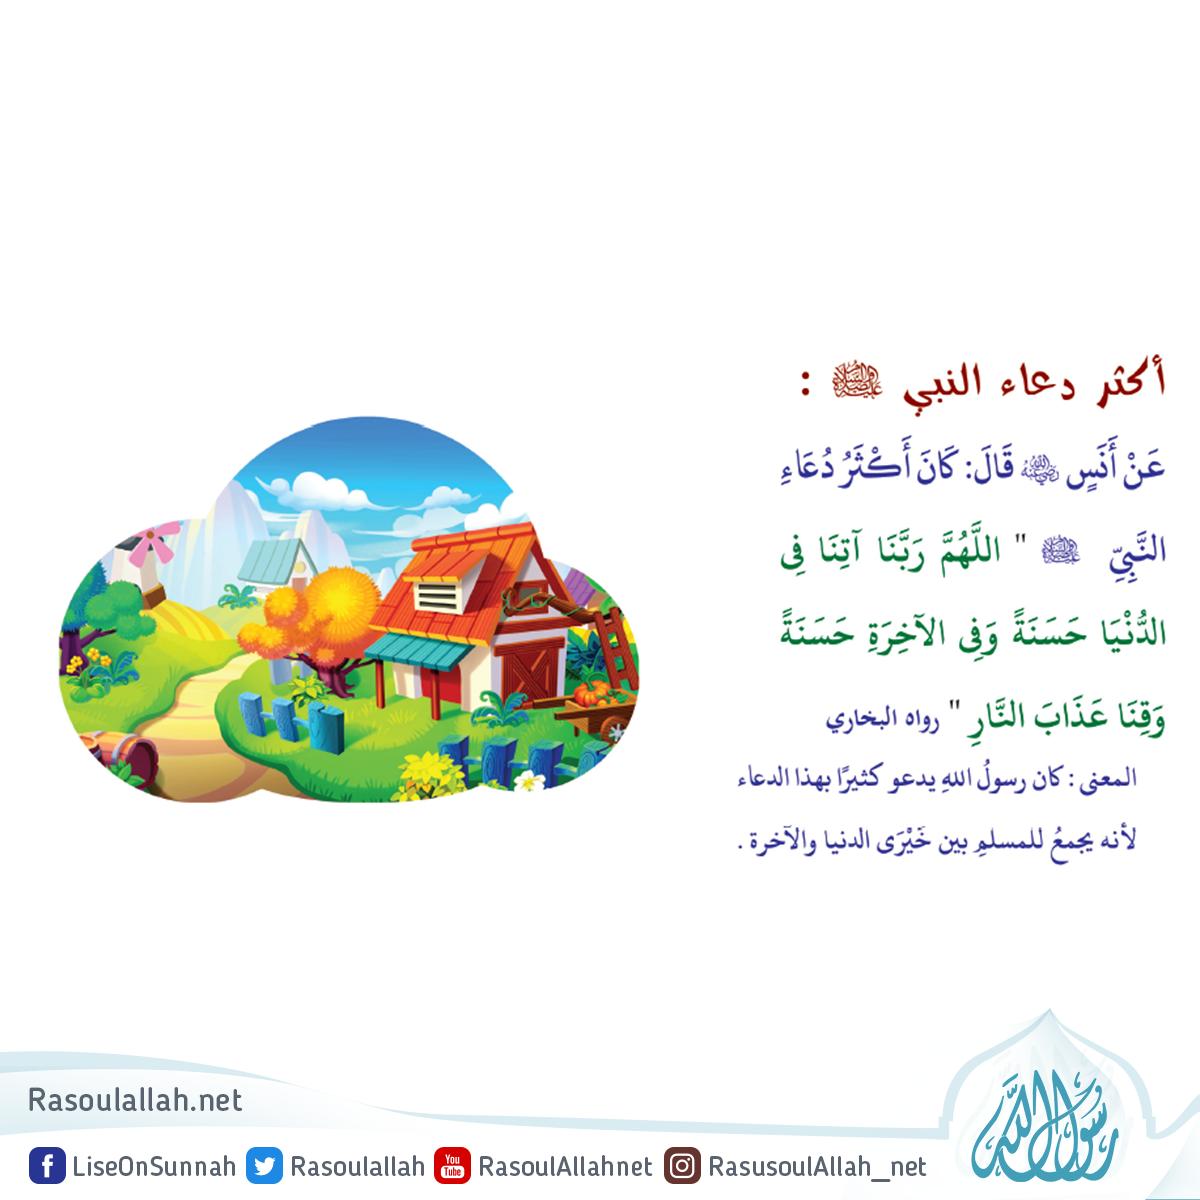 أكثر الدعاء النبي صلى الله عليه وسلم